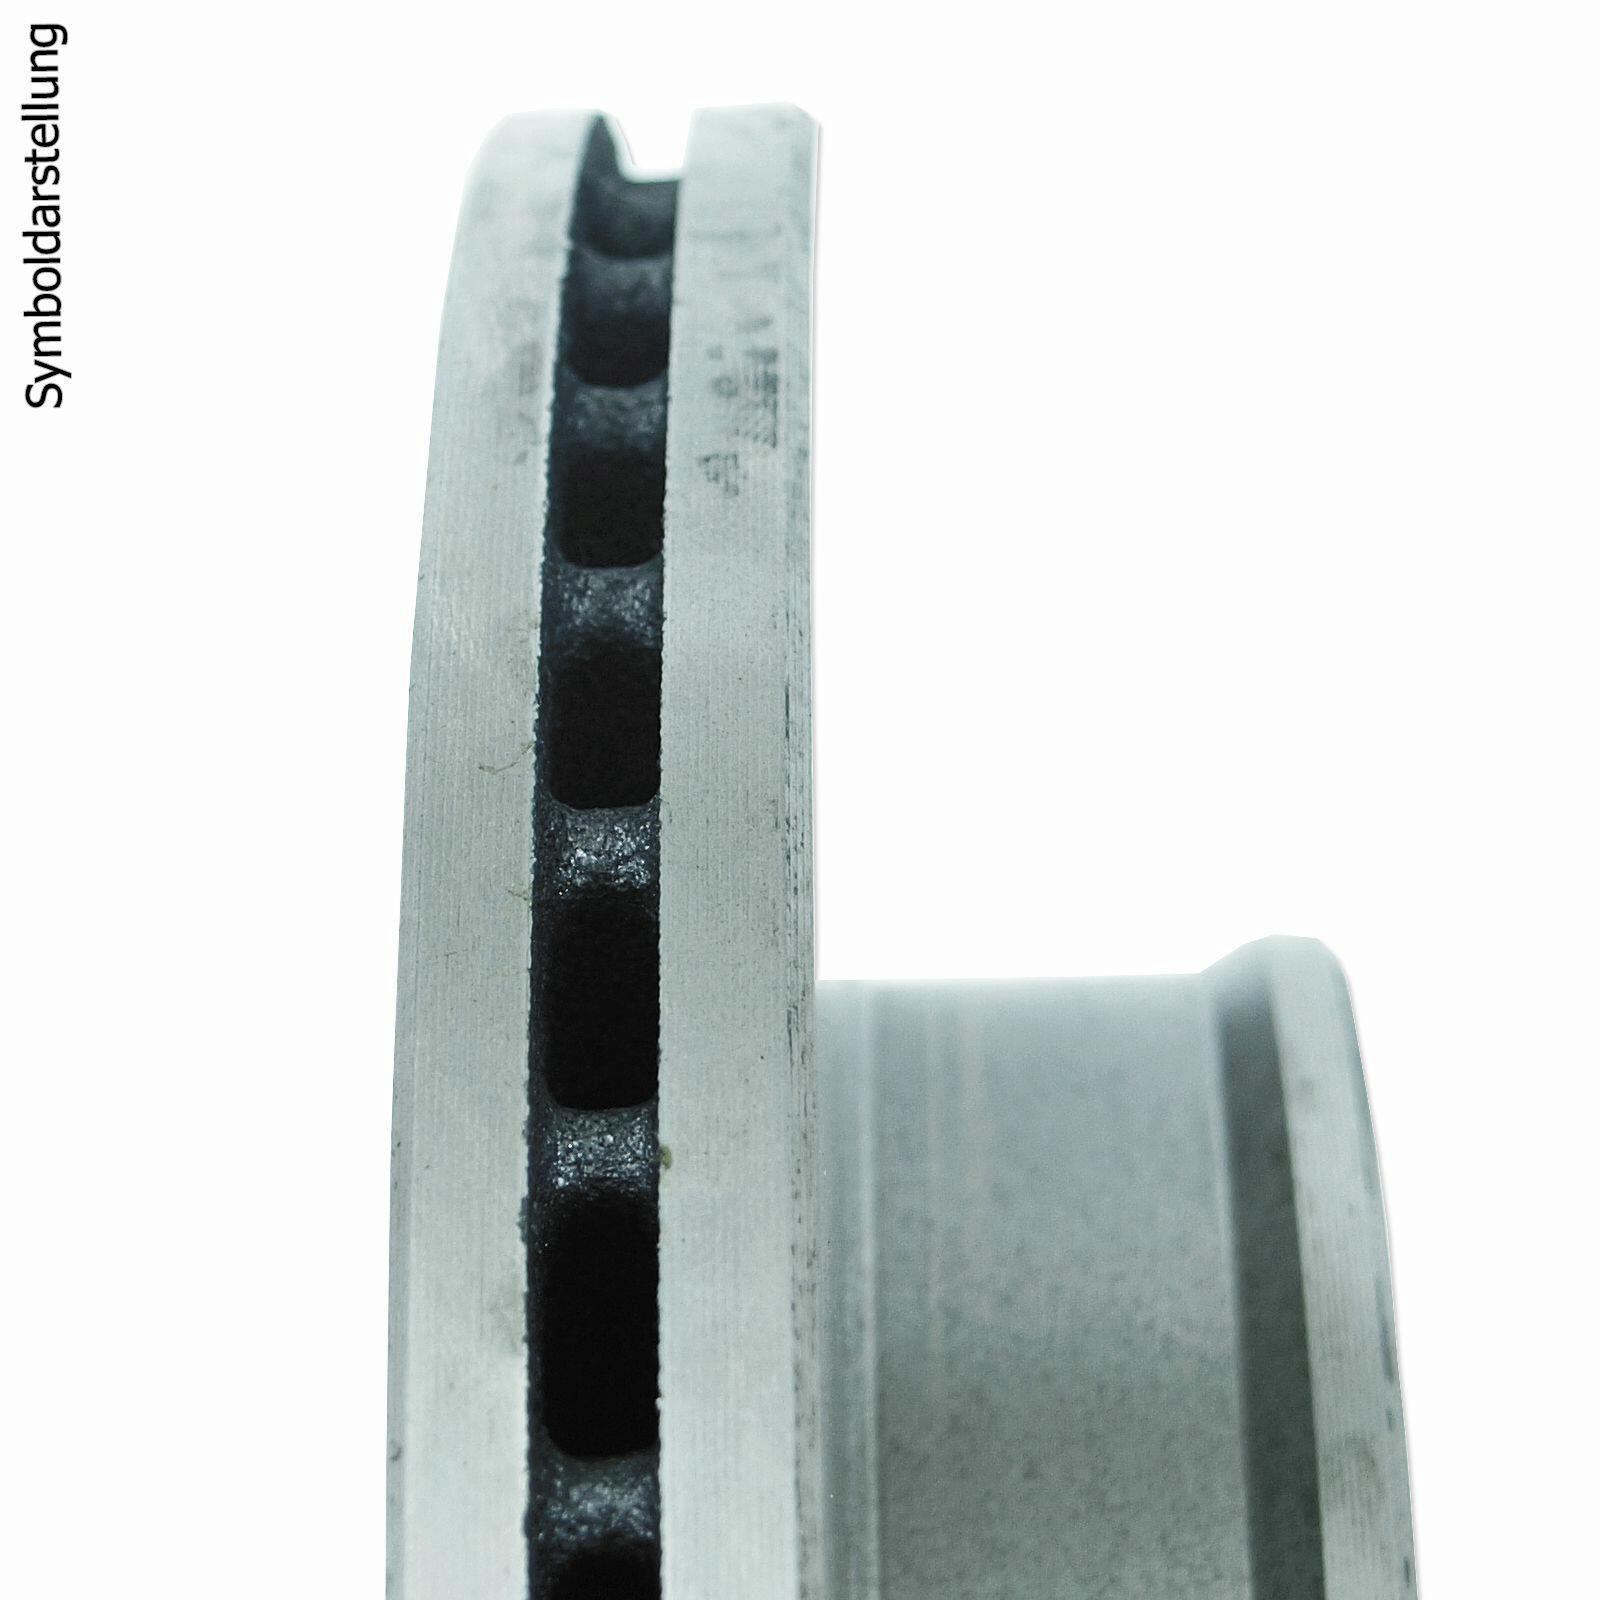 BREMBO BREMSSCHEIBEN 288mm 5-LOCH + ATE BREMSBELÄGE